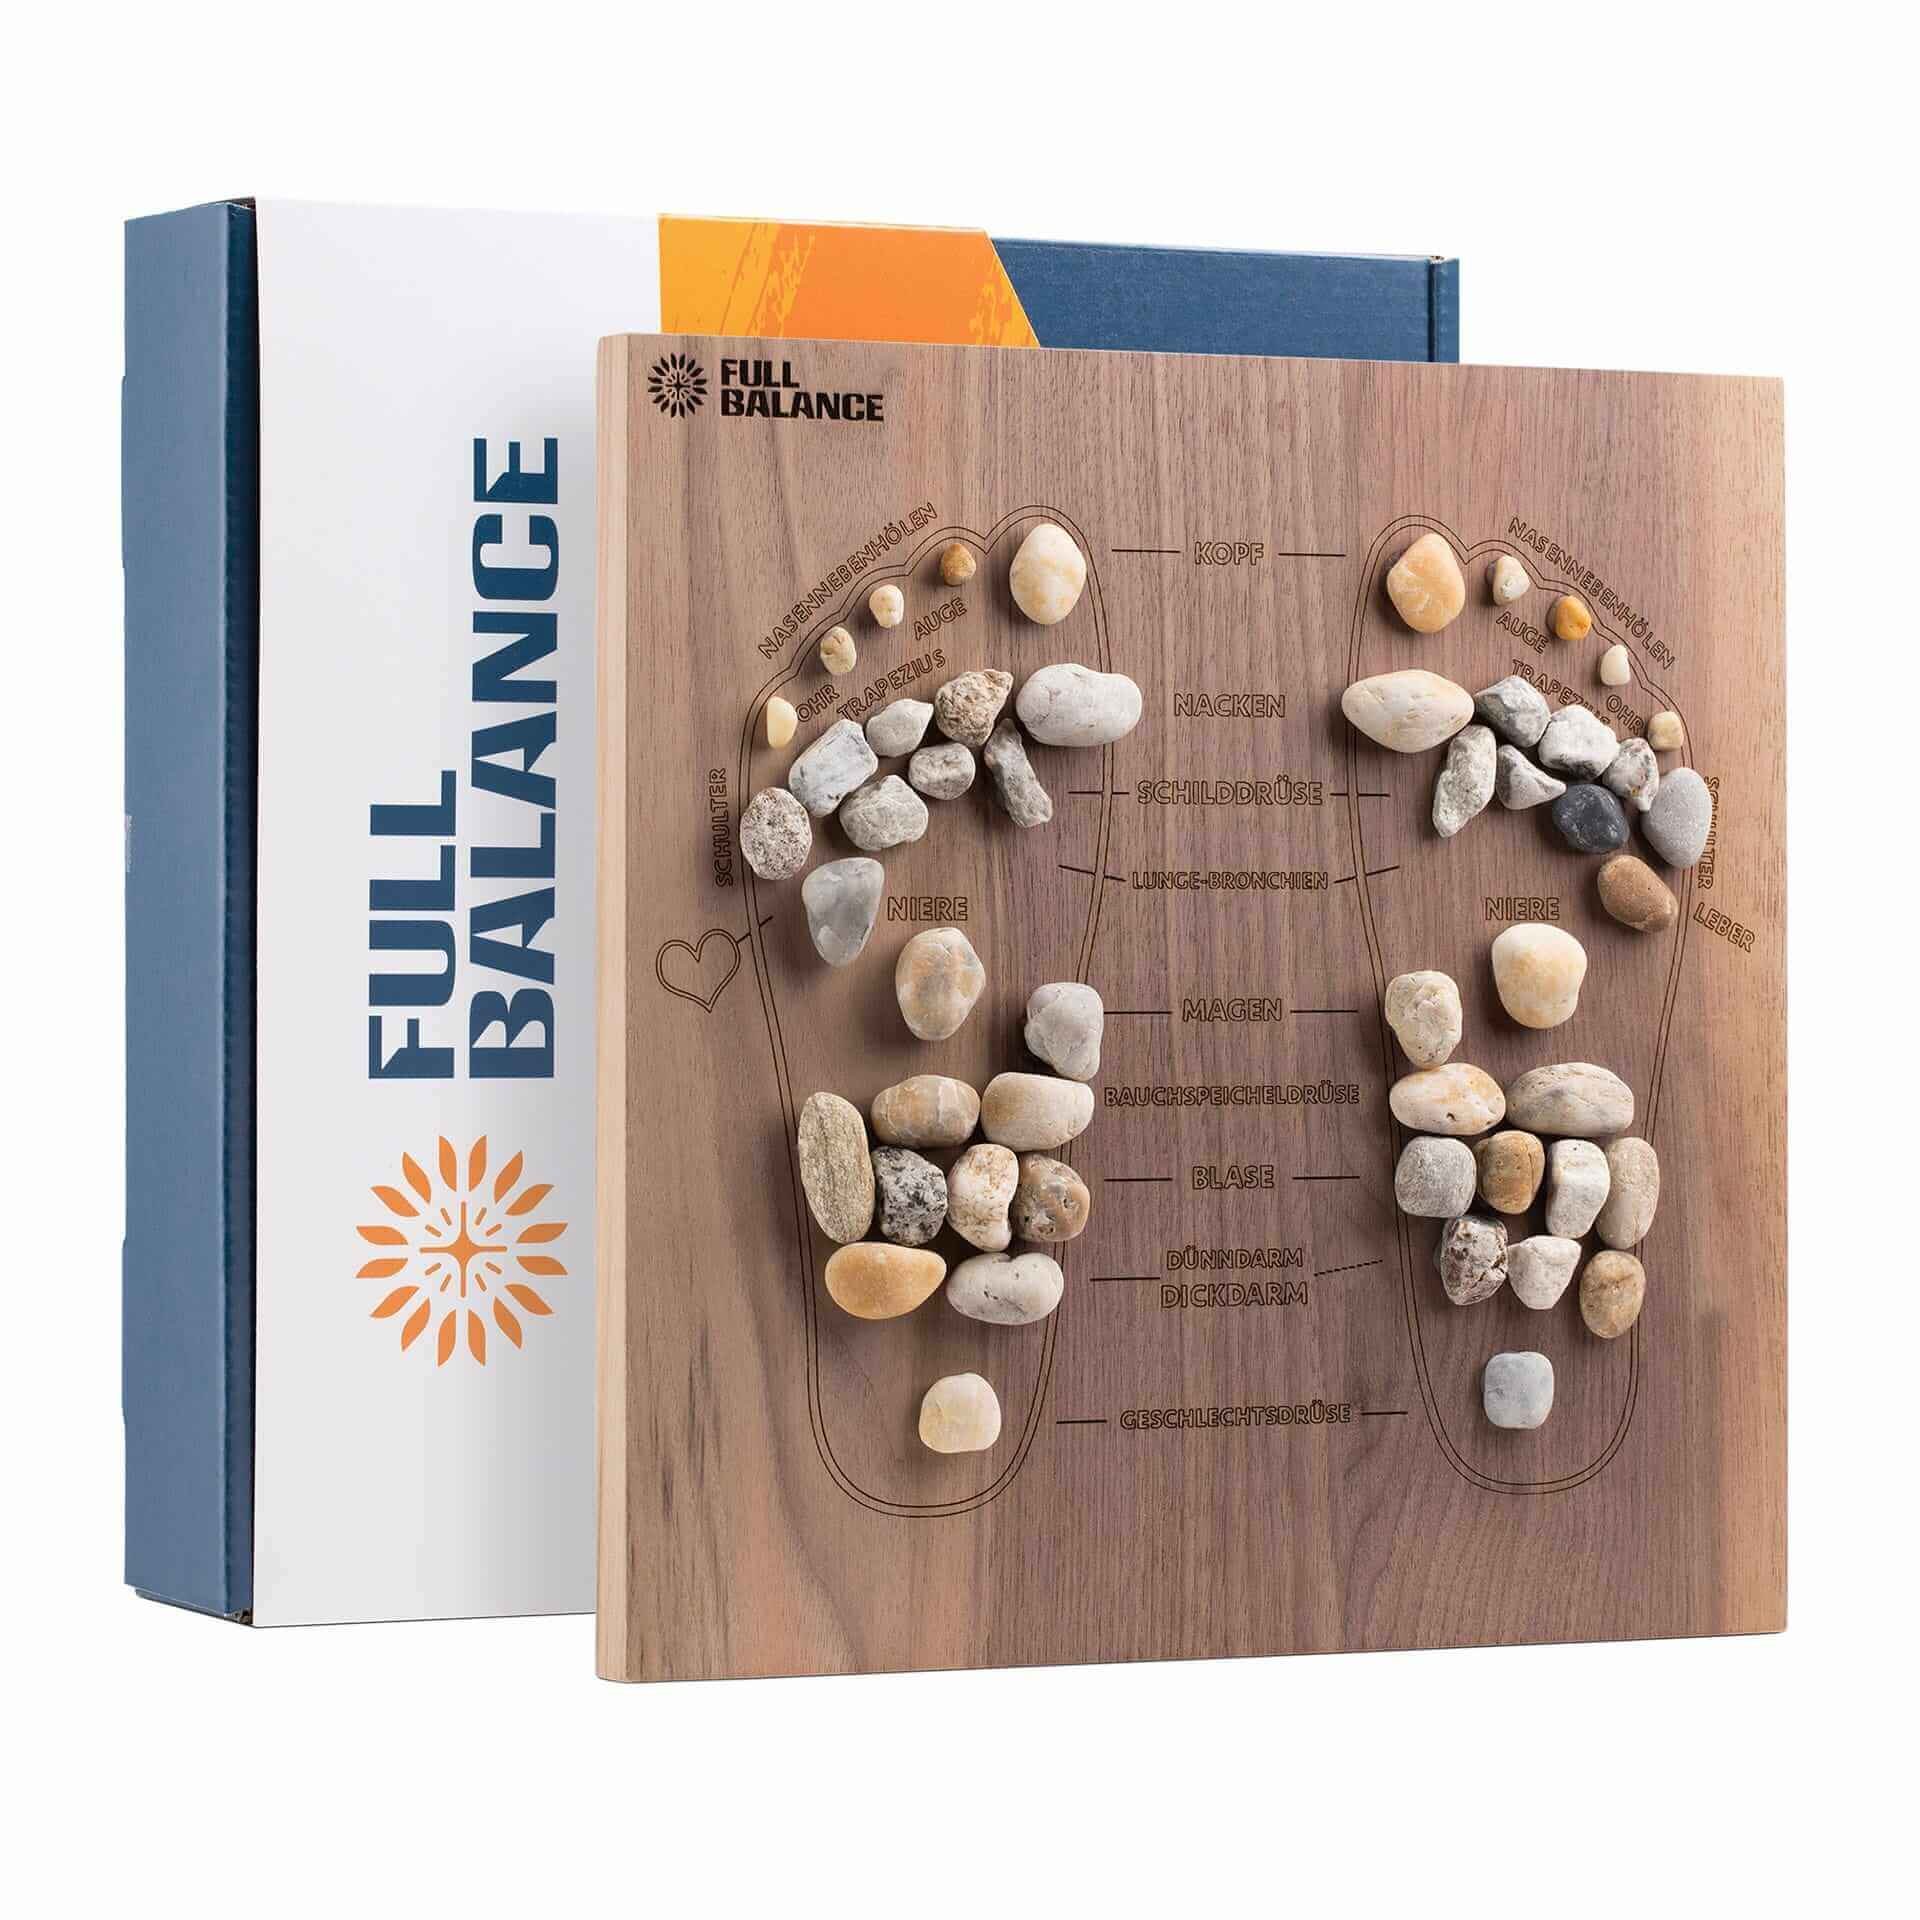 Fußreflexzonenmassage Brett Pine & Stone für zu Hause aus Nussholz